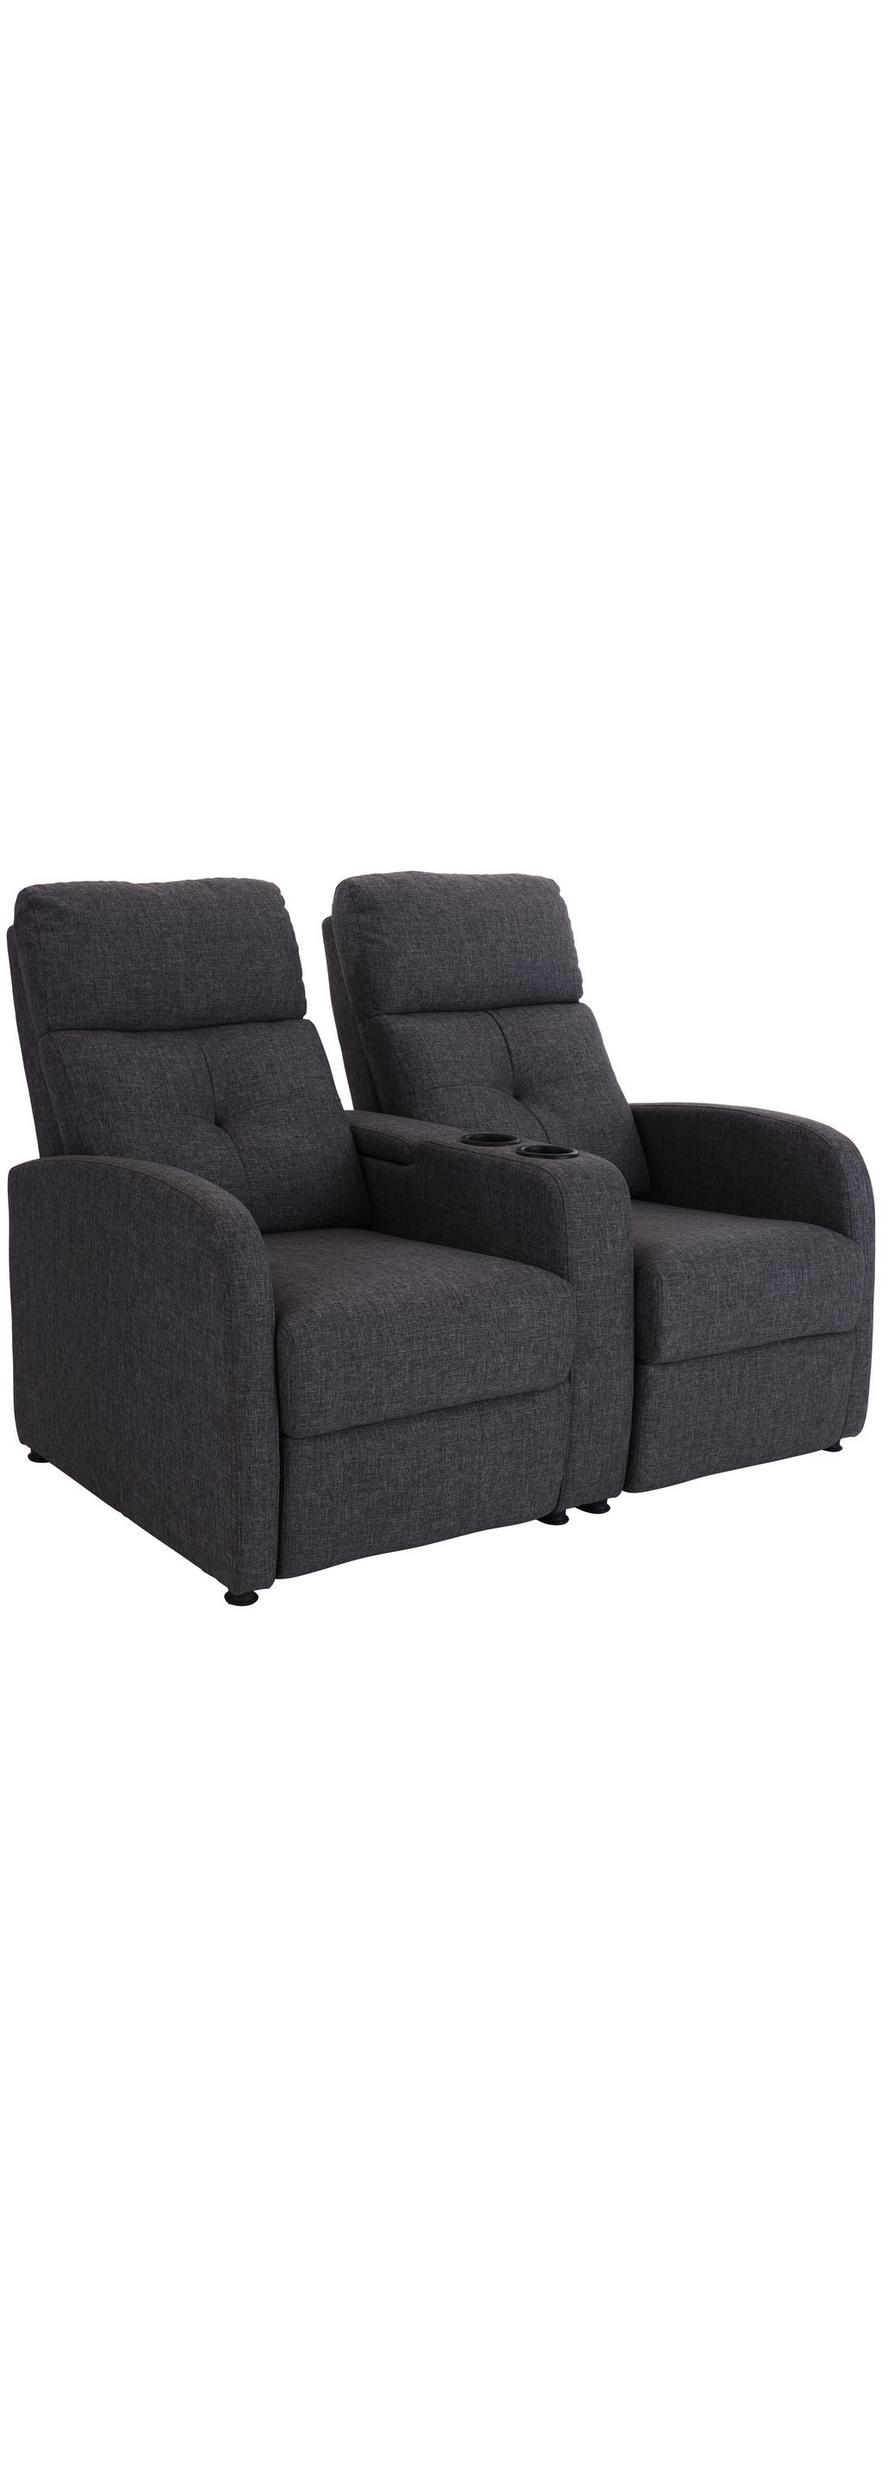 Full Size of Relaxsofa Elektrisch Heimkino Sofa Musterring 3 Sitzer Elektrischer Relaxfunktion Elektrische Fußbodenheizung Bad Mit Sitztiefenverstellung Wohnzimmer Relaxsofa Elektrisch